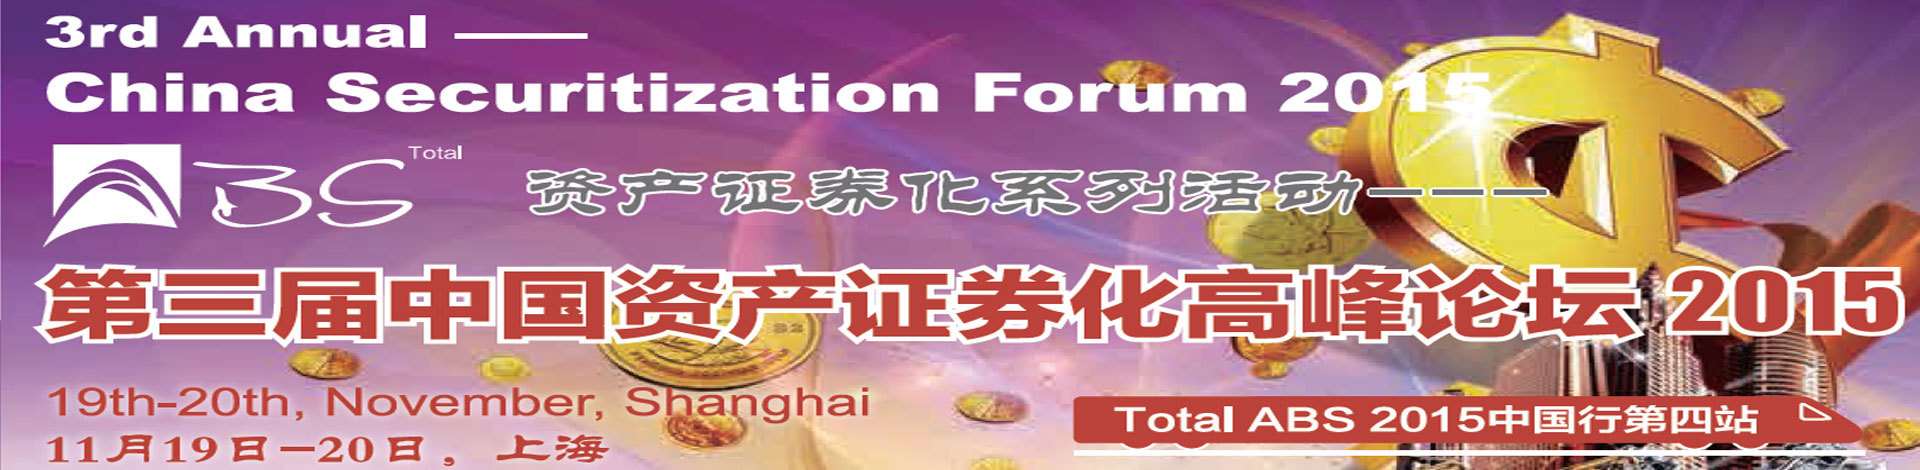 第三届中国资产证券化高峰论坛2015